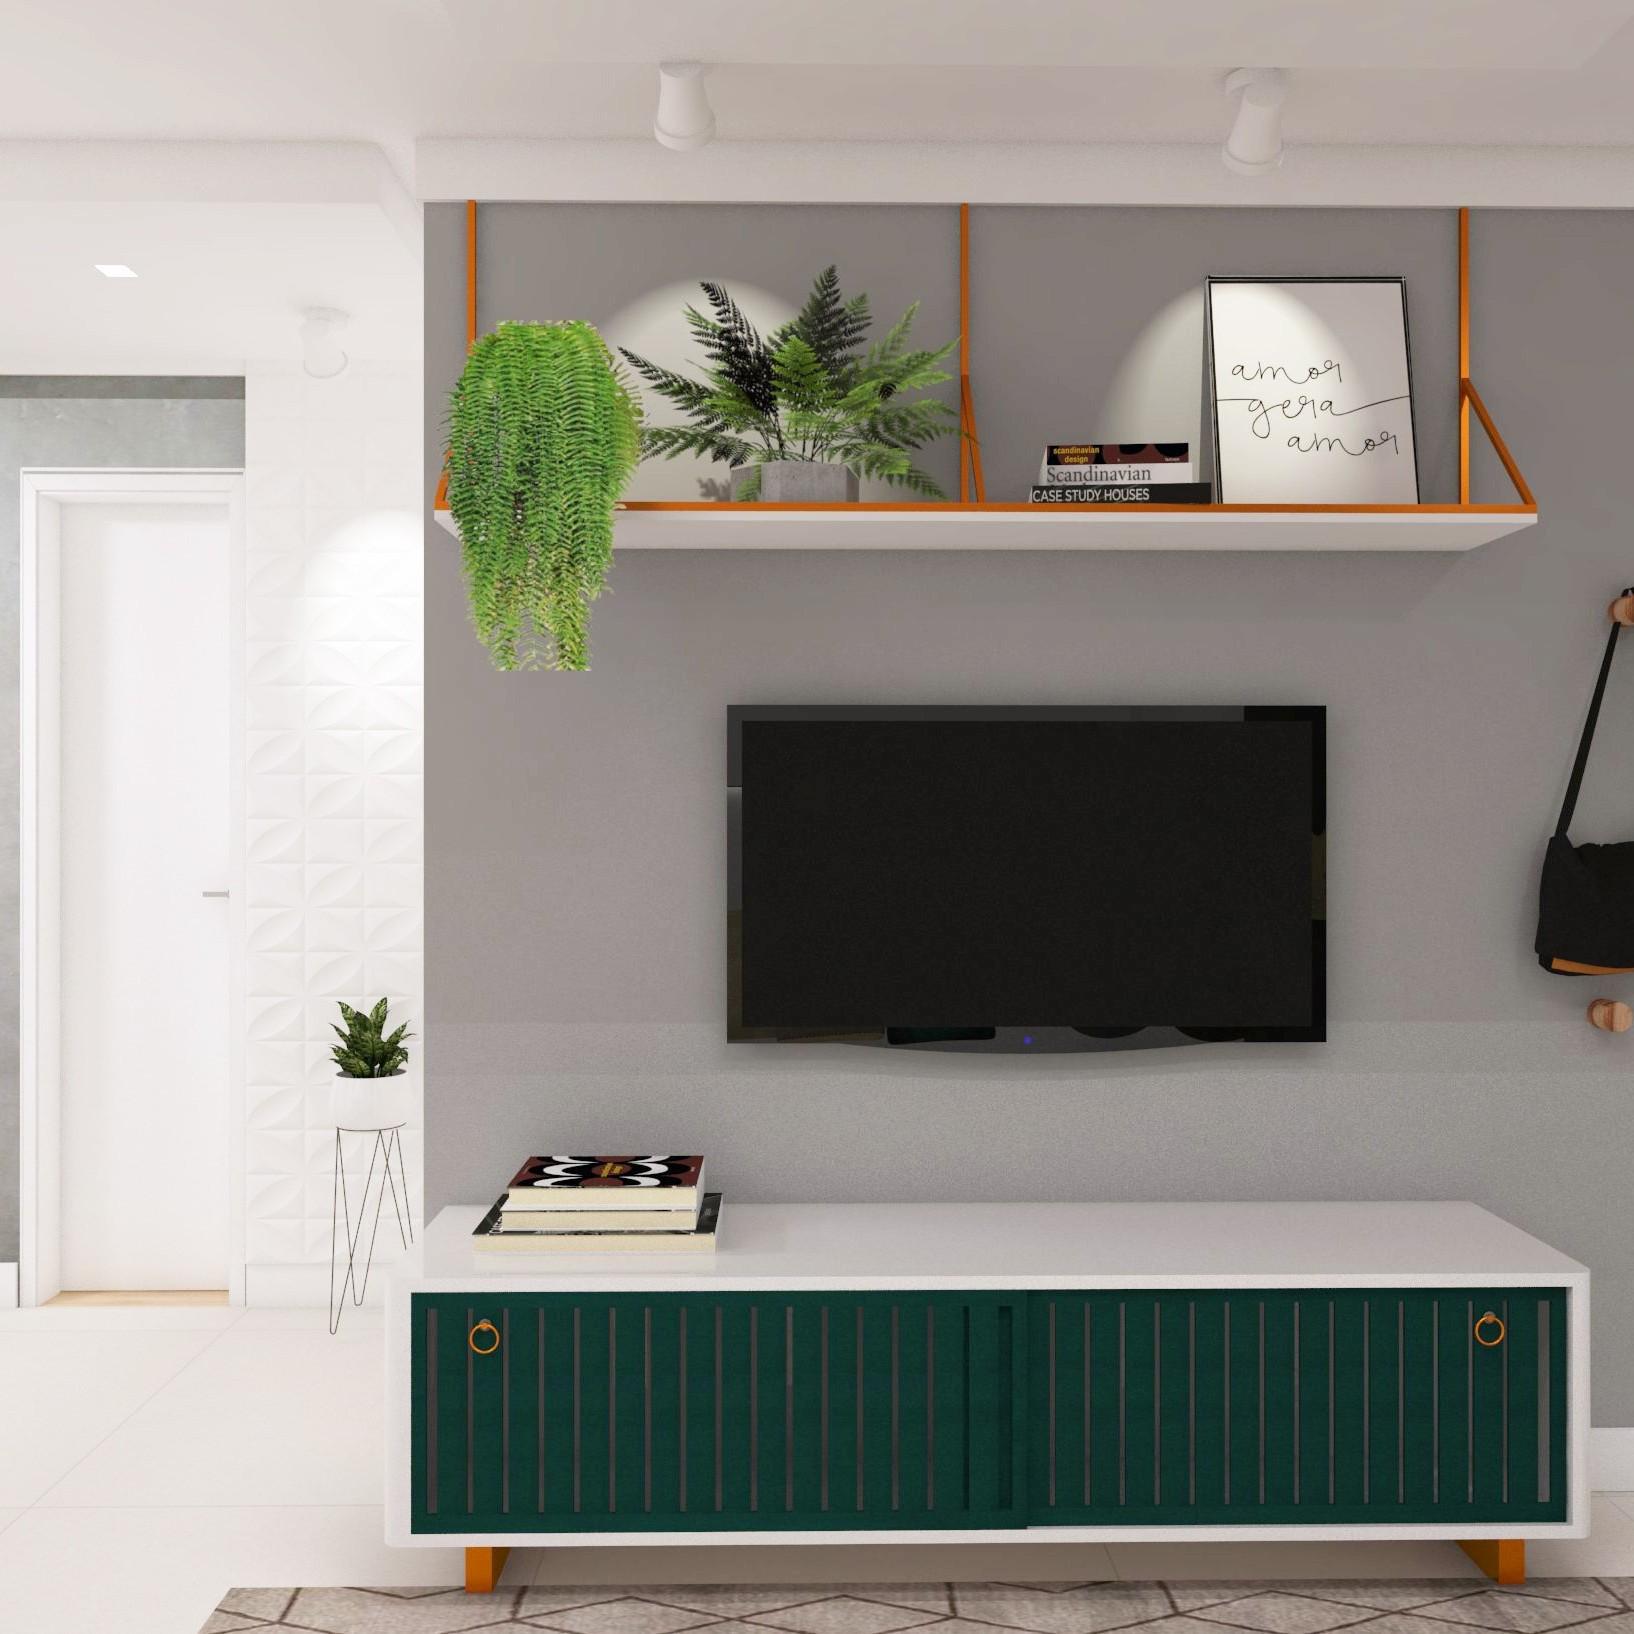 Sala de estar contemporânea desenvolvida pelo estúdio Murilo Zadulski Interiores - Designer de interiores em Curitiba - Projetos e consultoria img01